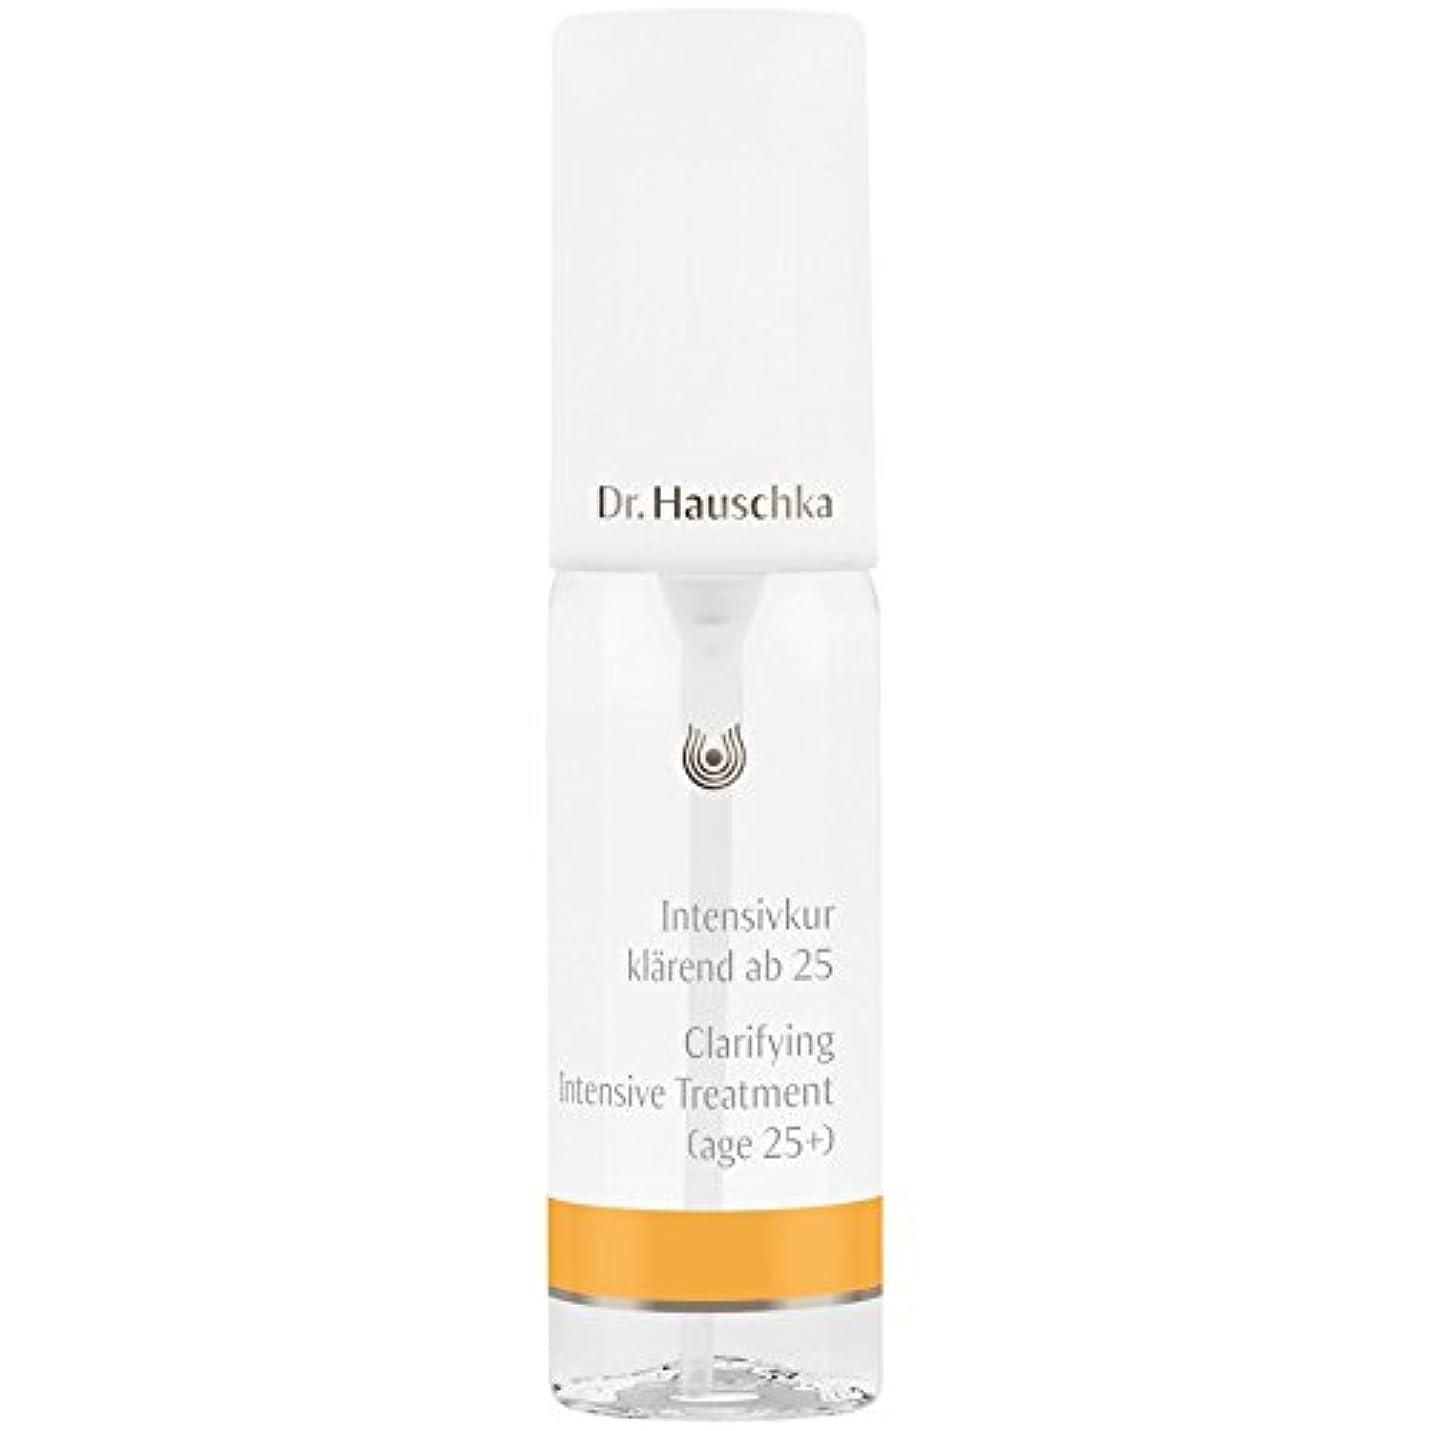 懲戒不利[Dr Hauschka] 25+ 02 40ミリリットルのための集中治療を明確化のDrハウシュカ - Dr Hauschka Clarifying Intensive Treatment For 25+ 02 40ml...